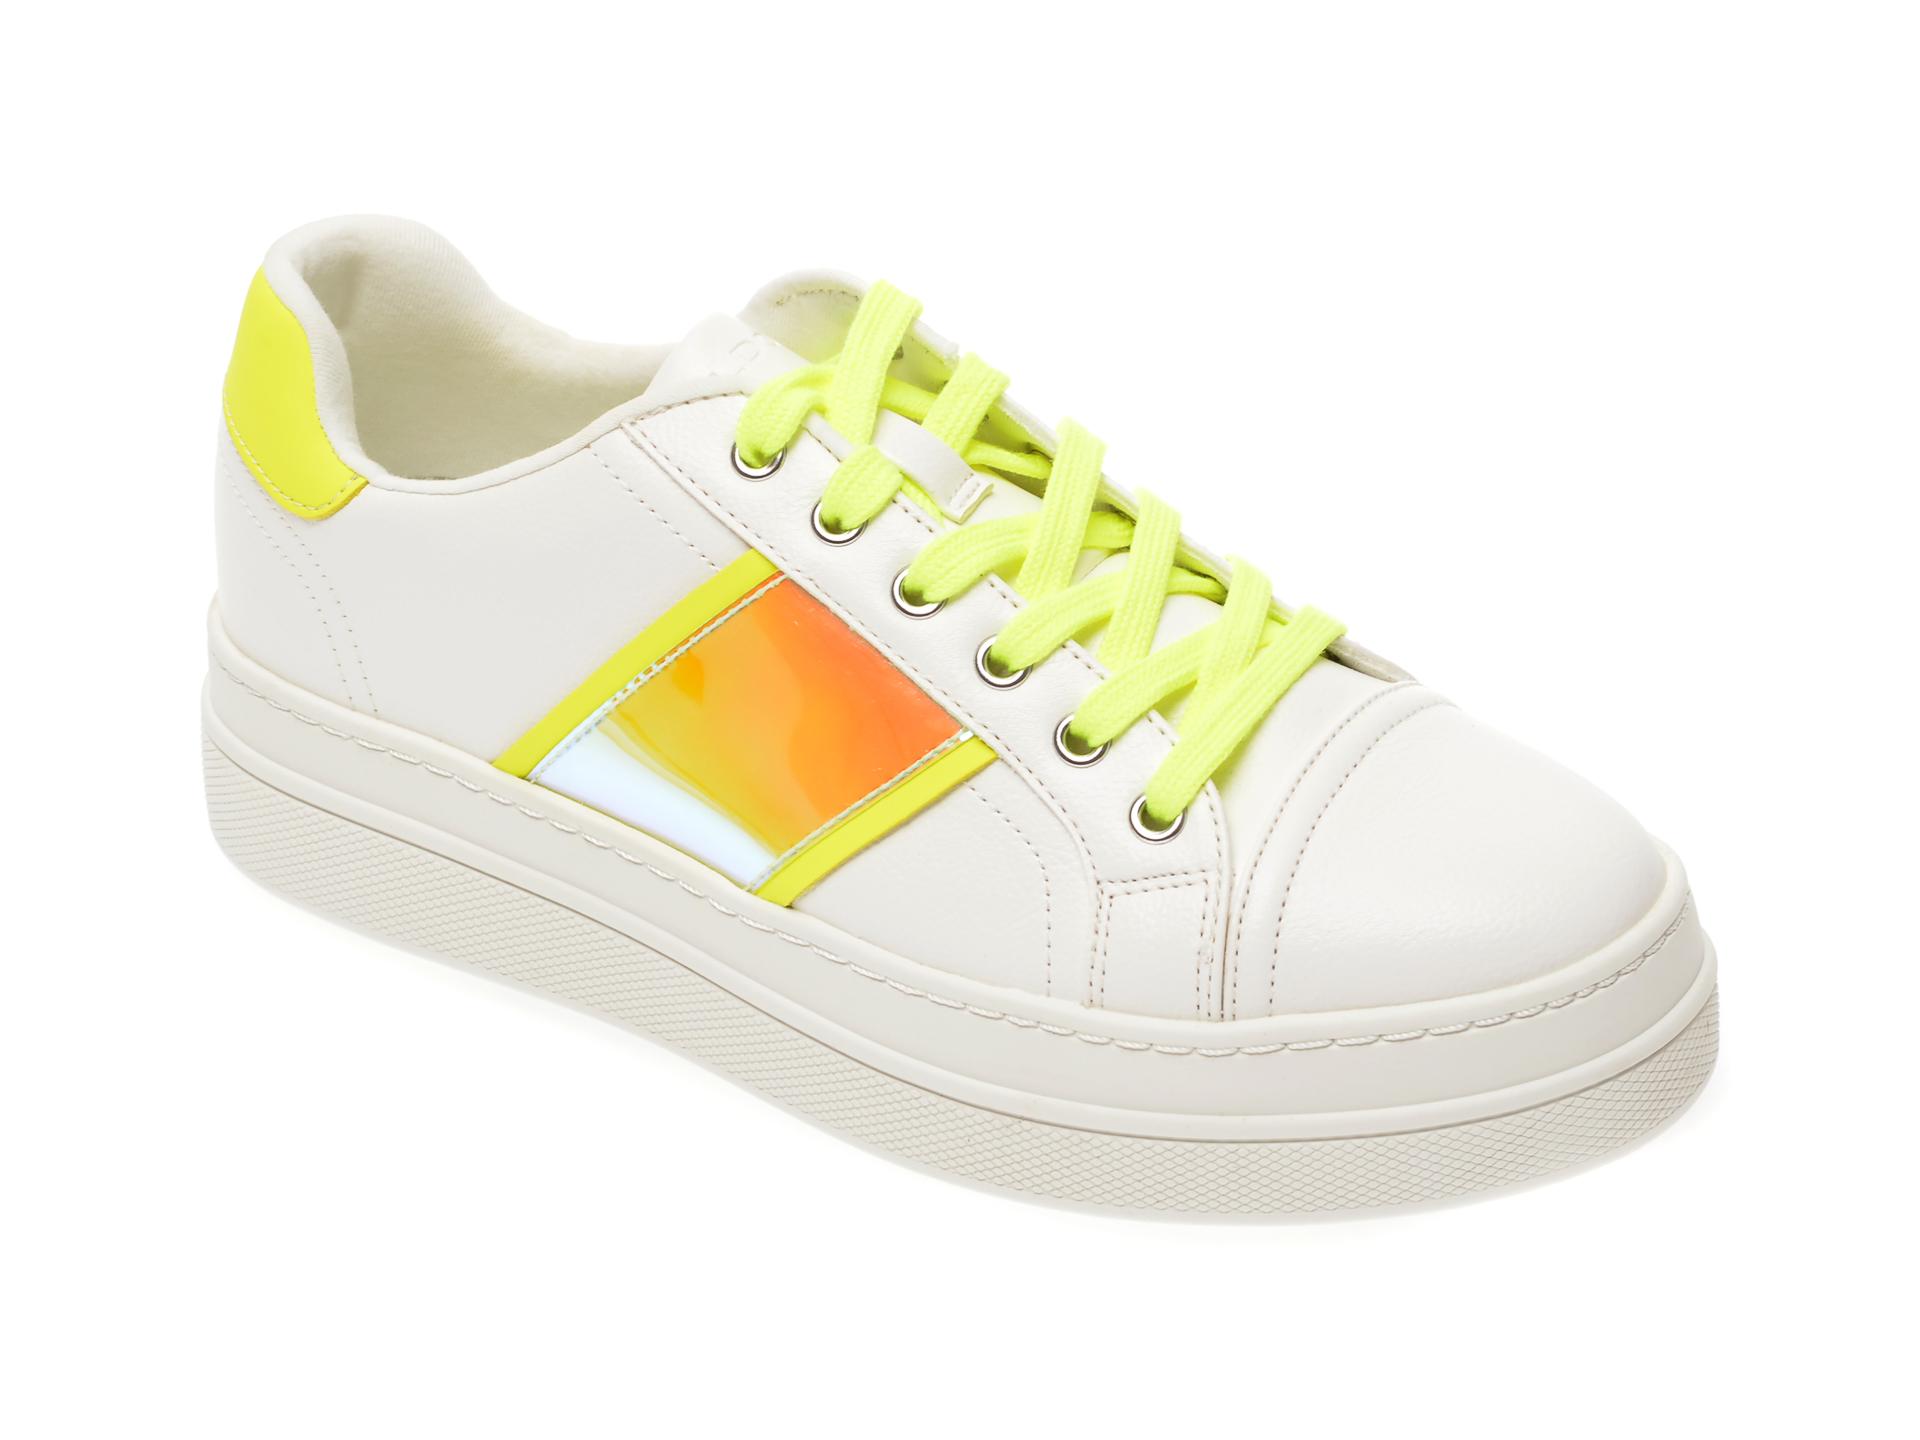 Pantofi sport ALDO albi, Starburst320, din piele ecologica imagine